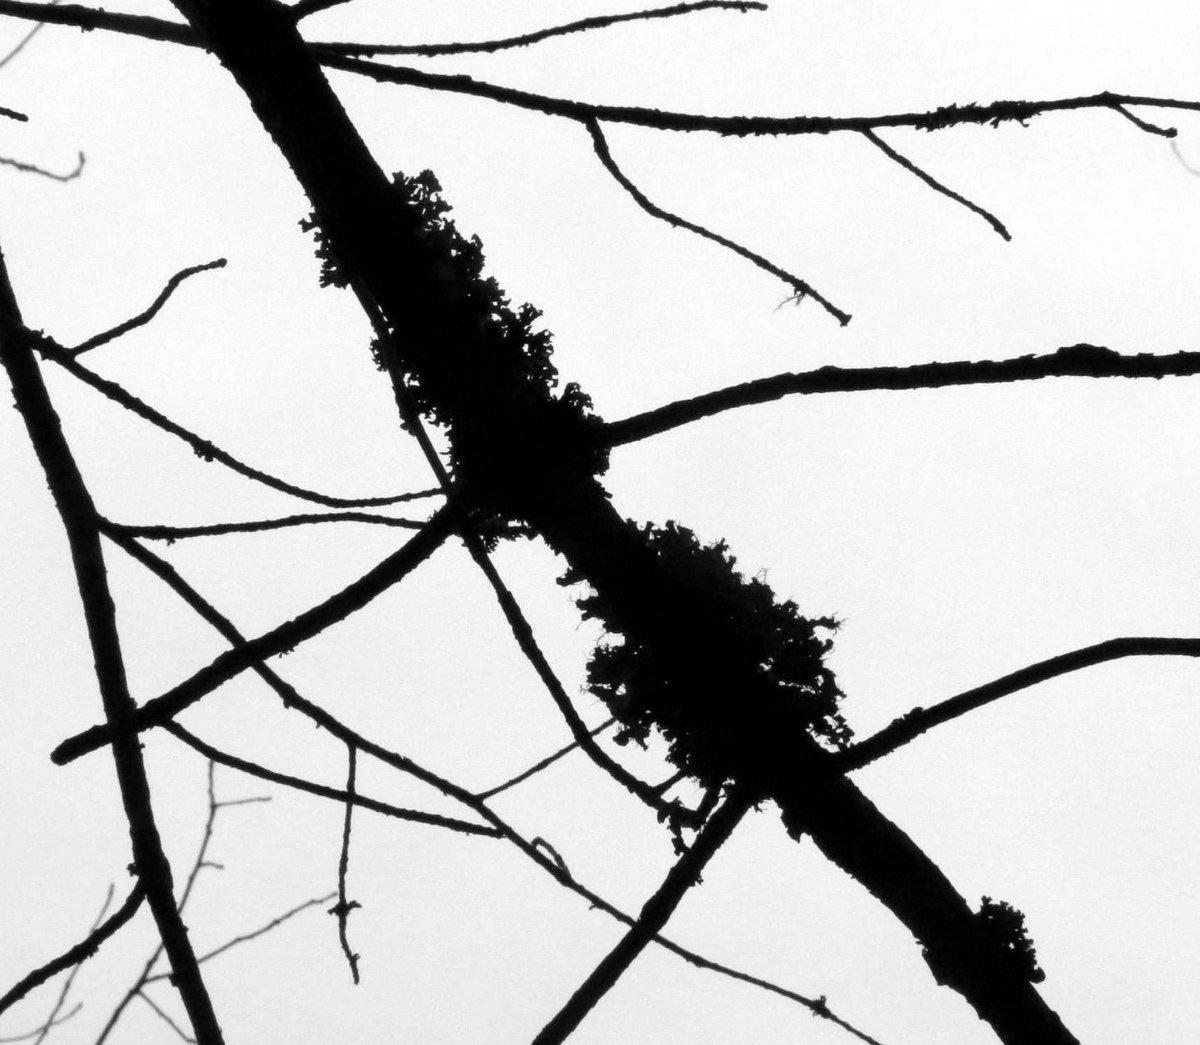 12. Foliose Lichens on a Branch